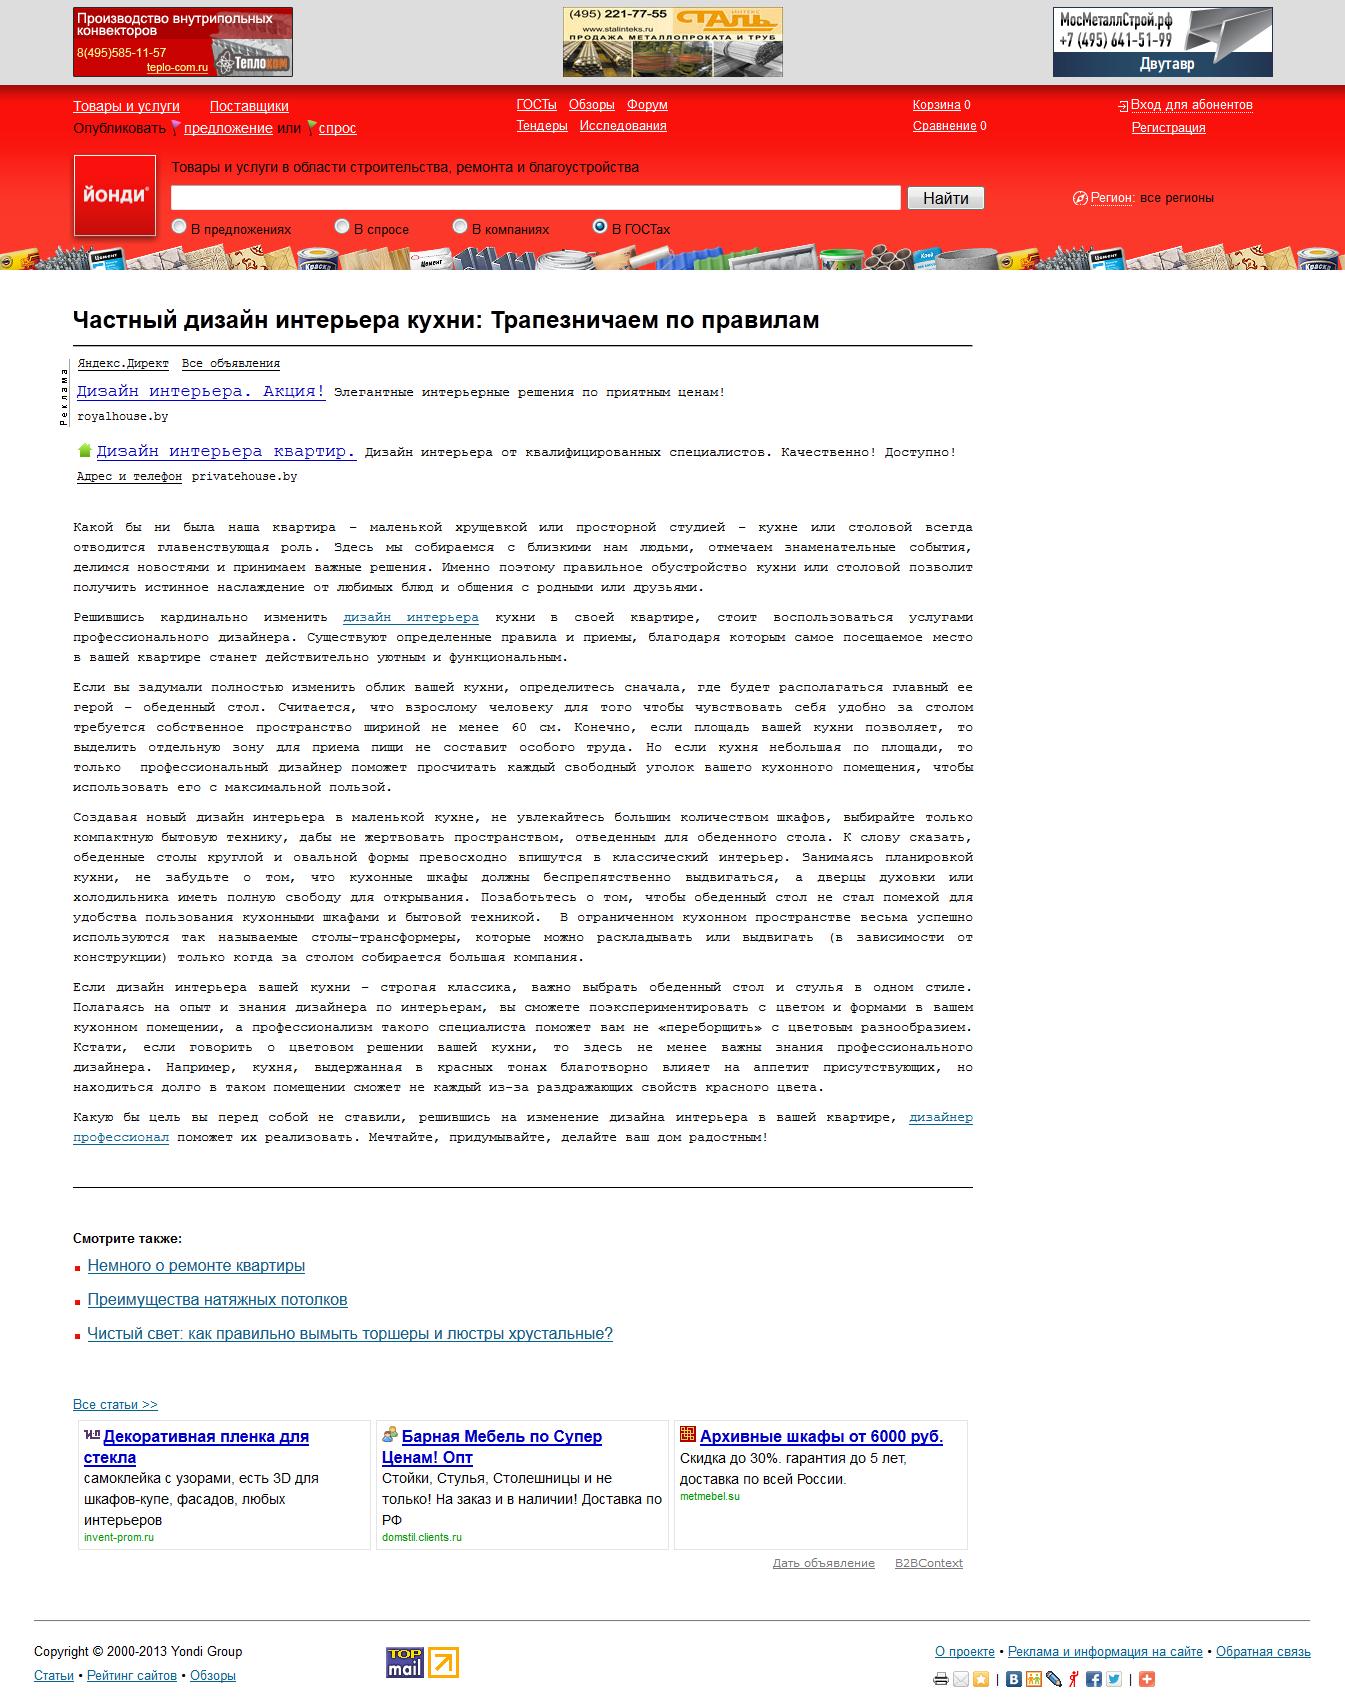 Статья для продвижения сайта о дизайне интерьеров